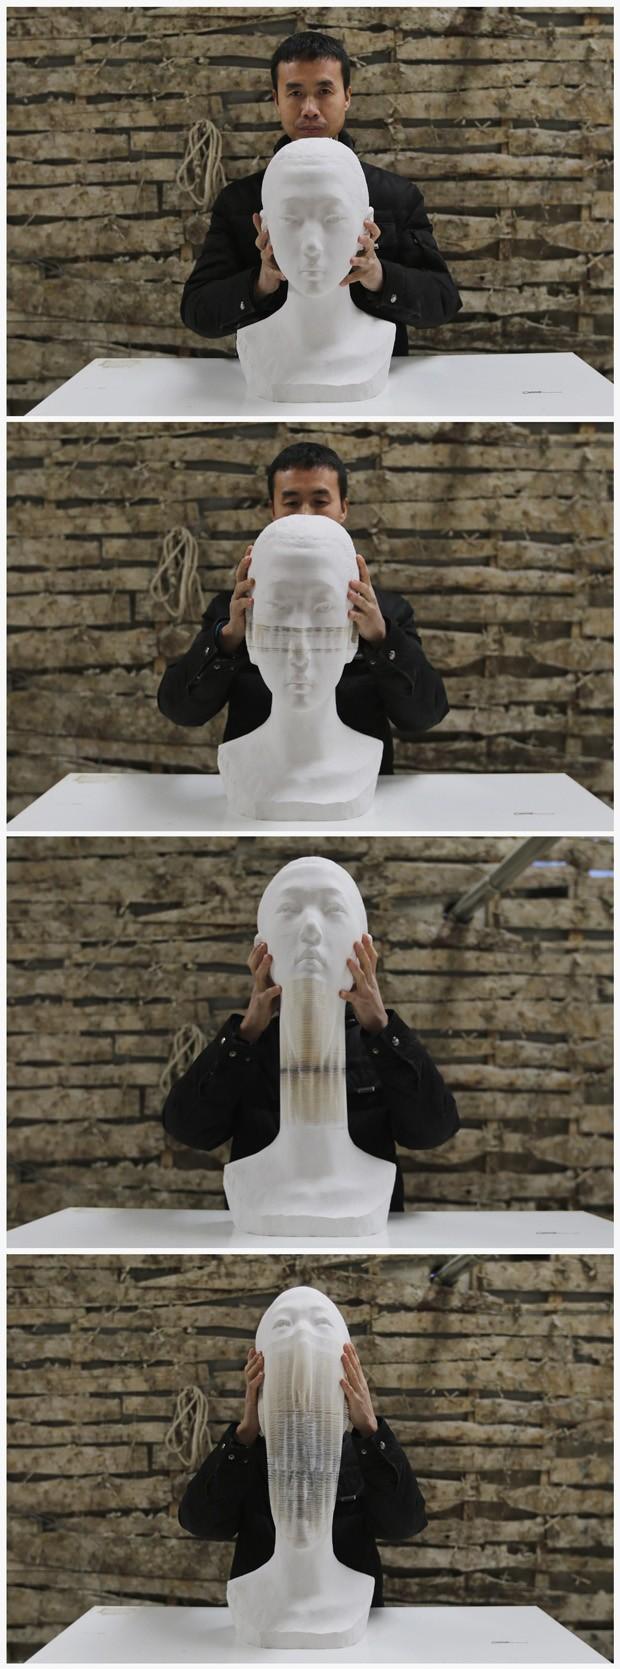 Sequência mostra Li Hongbo 'folheando' uma de suas esculturas em seu estúdio em Pequim, na China (Foto: Jason Lee/Reuters)